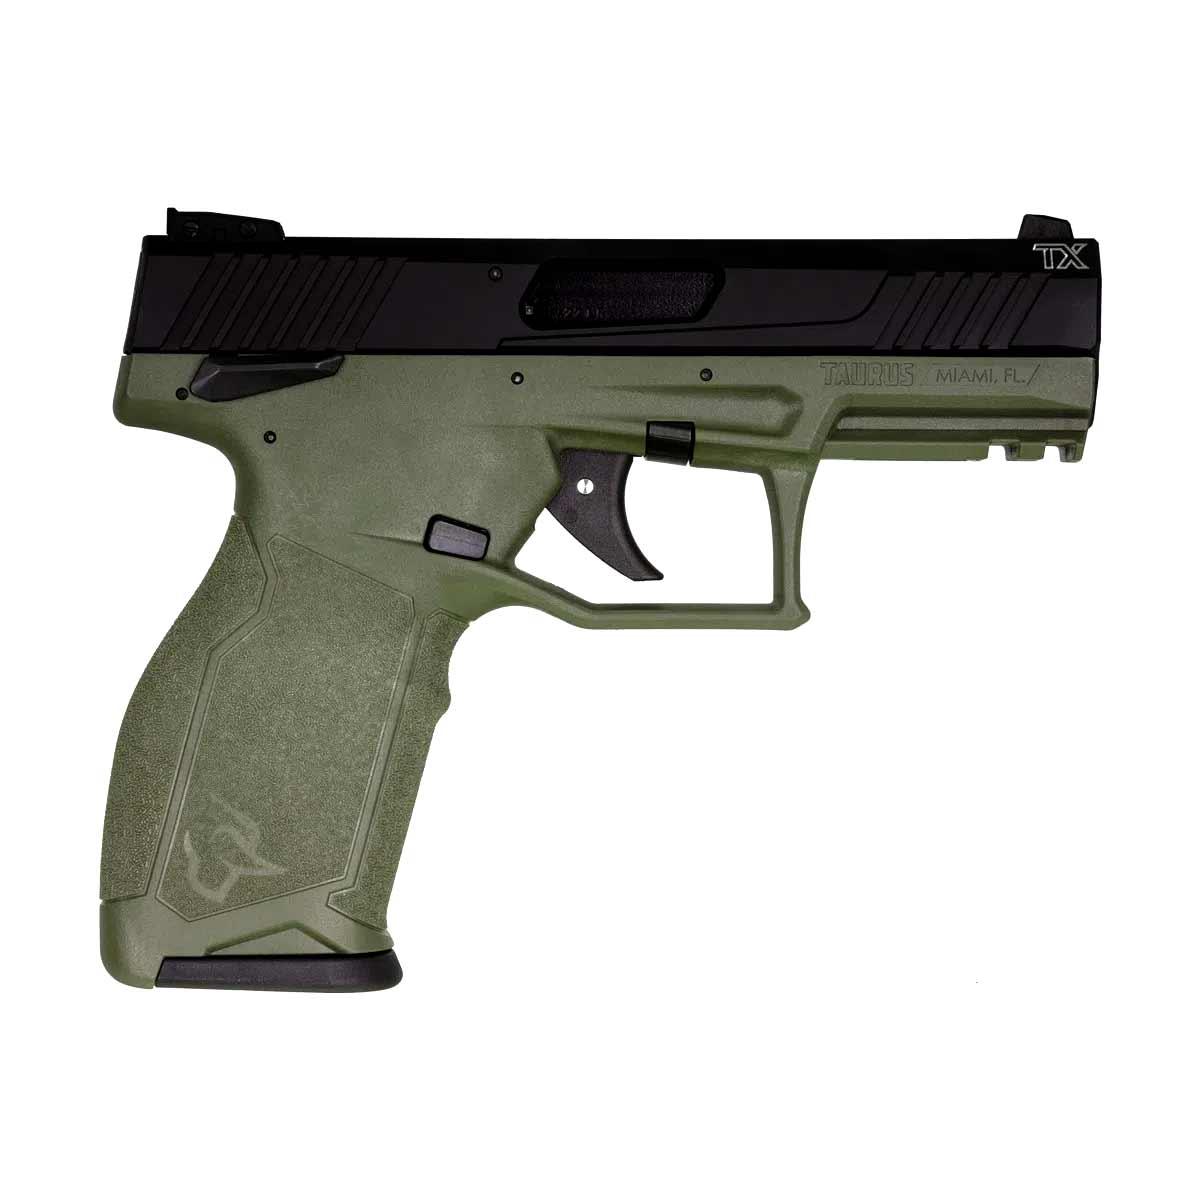 Pistola Taurus TX22, Calibre 22, 16+1, 104mm (4,1POL.) Verde